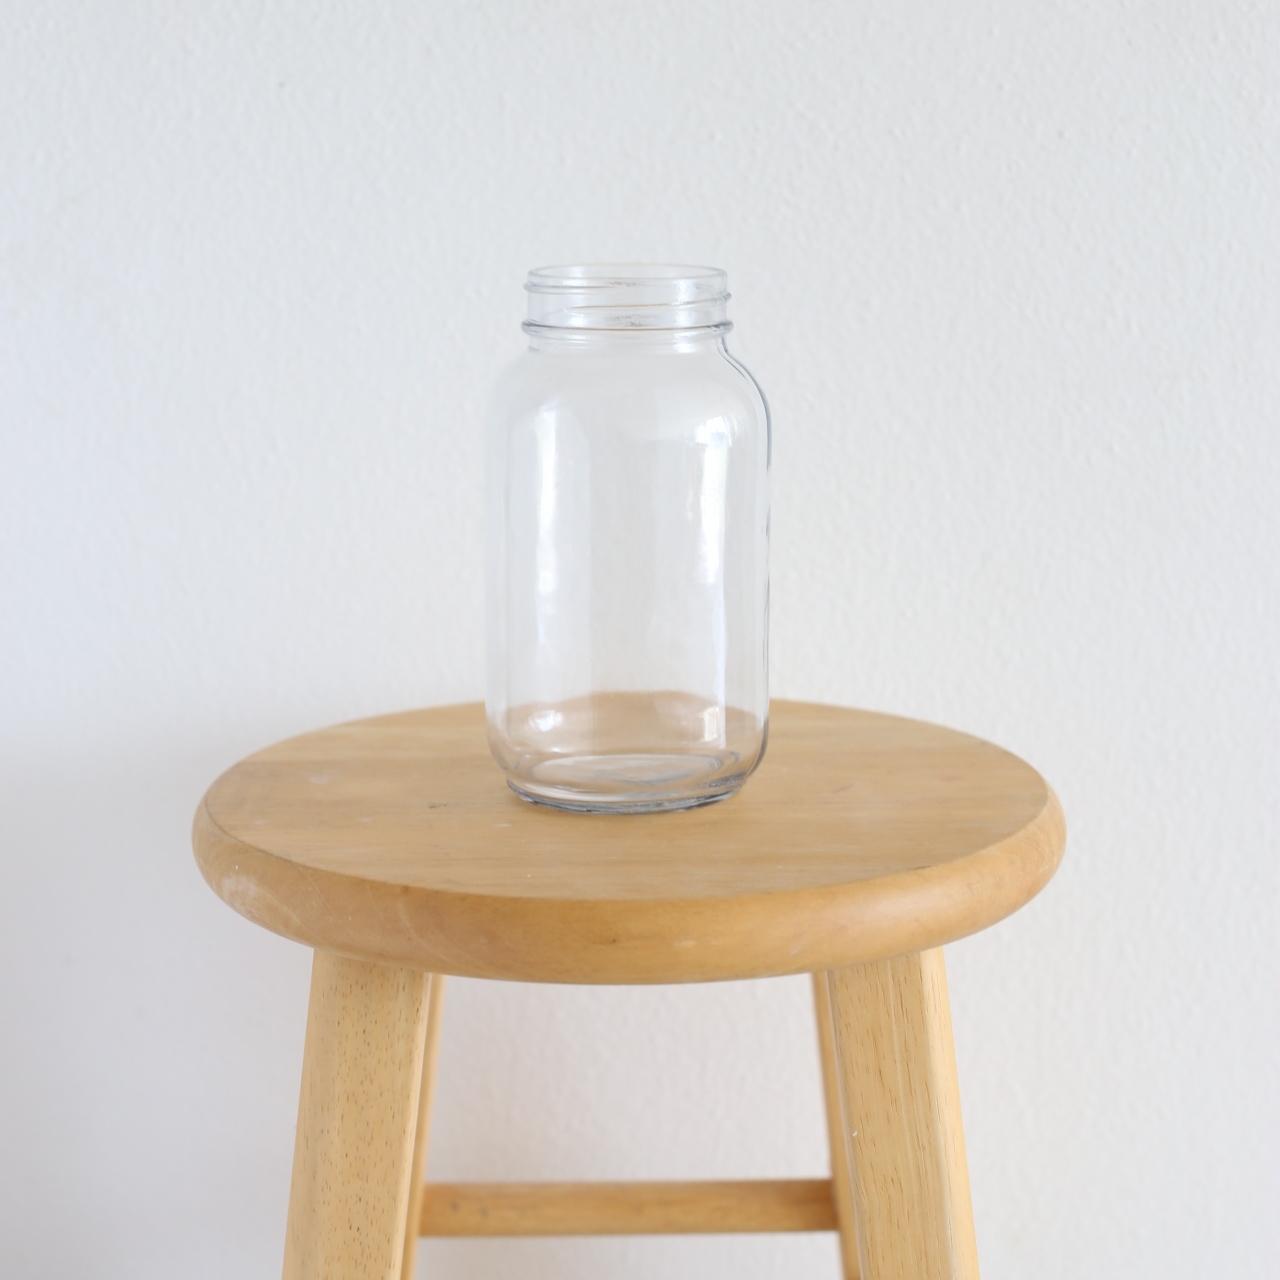 quart size mason jar